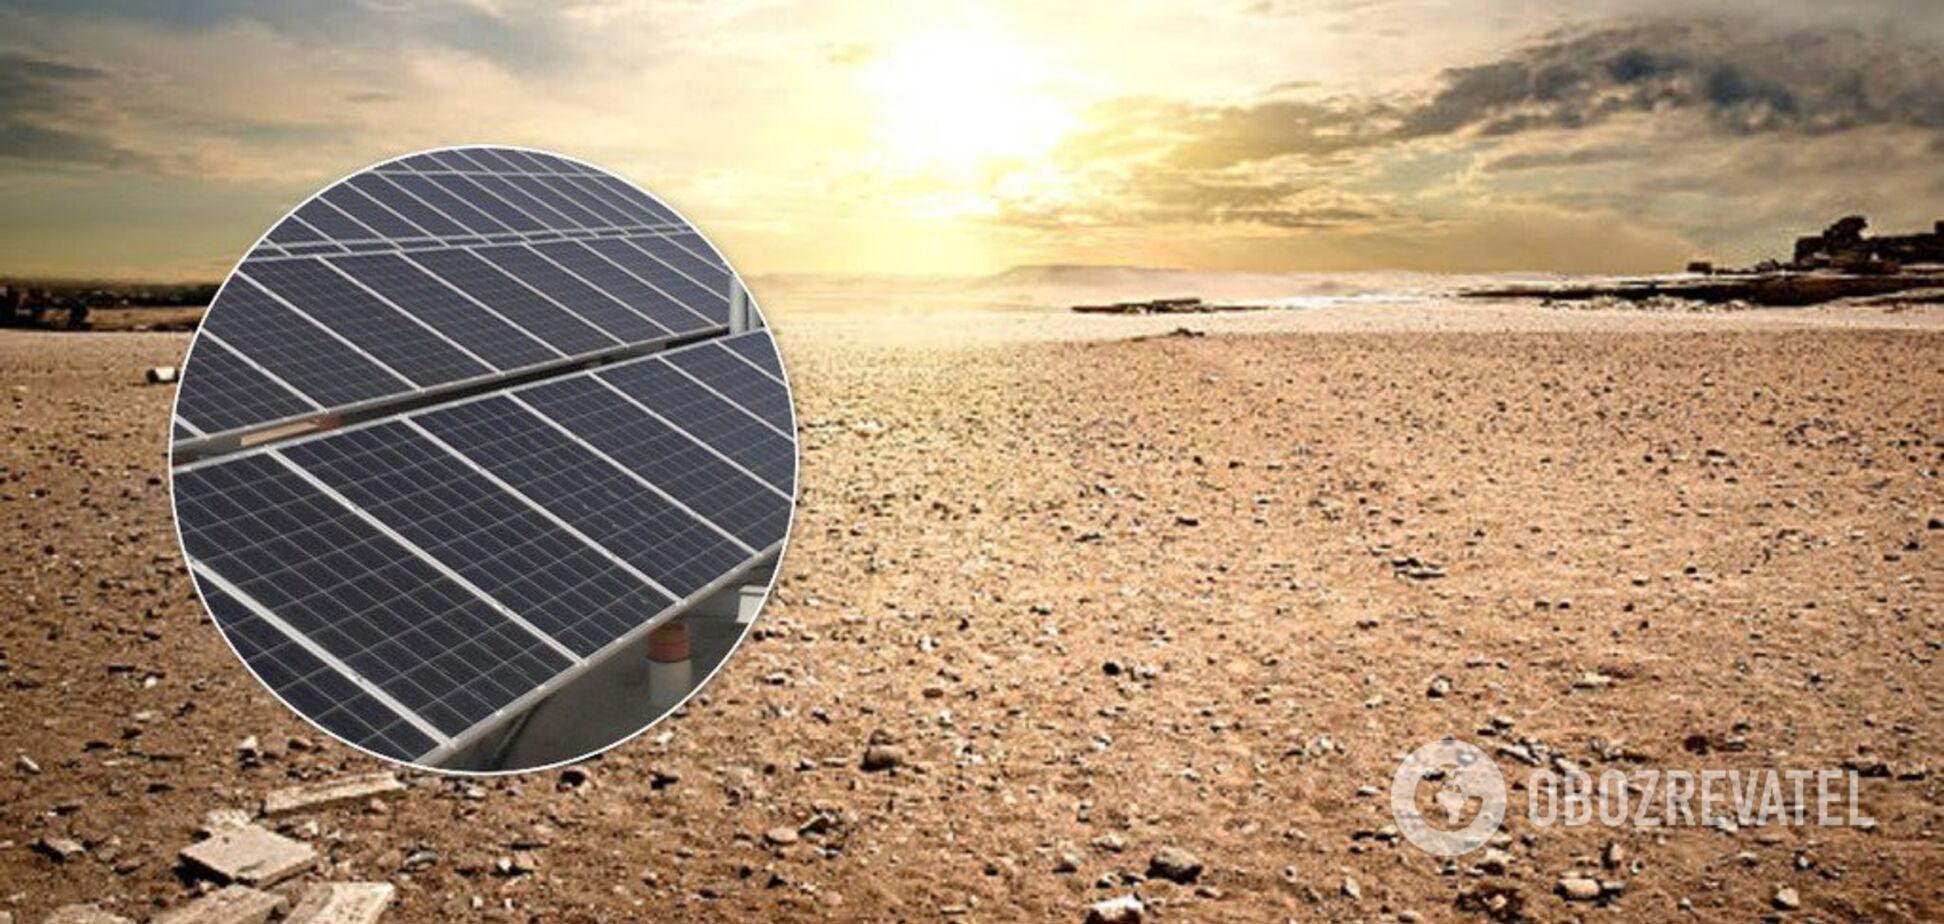 Від глобального потепління постраждають навіть сонячні панелі